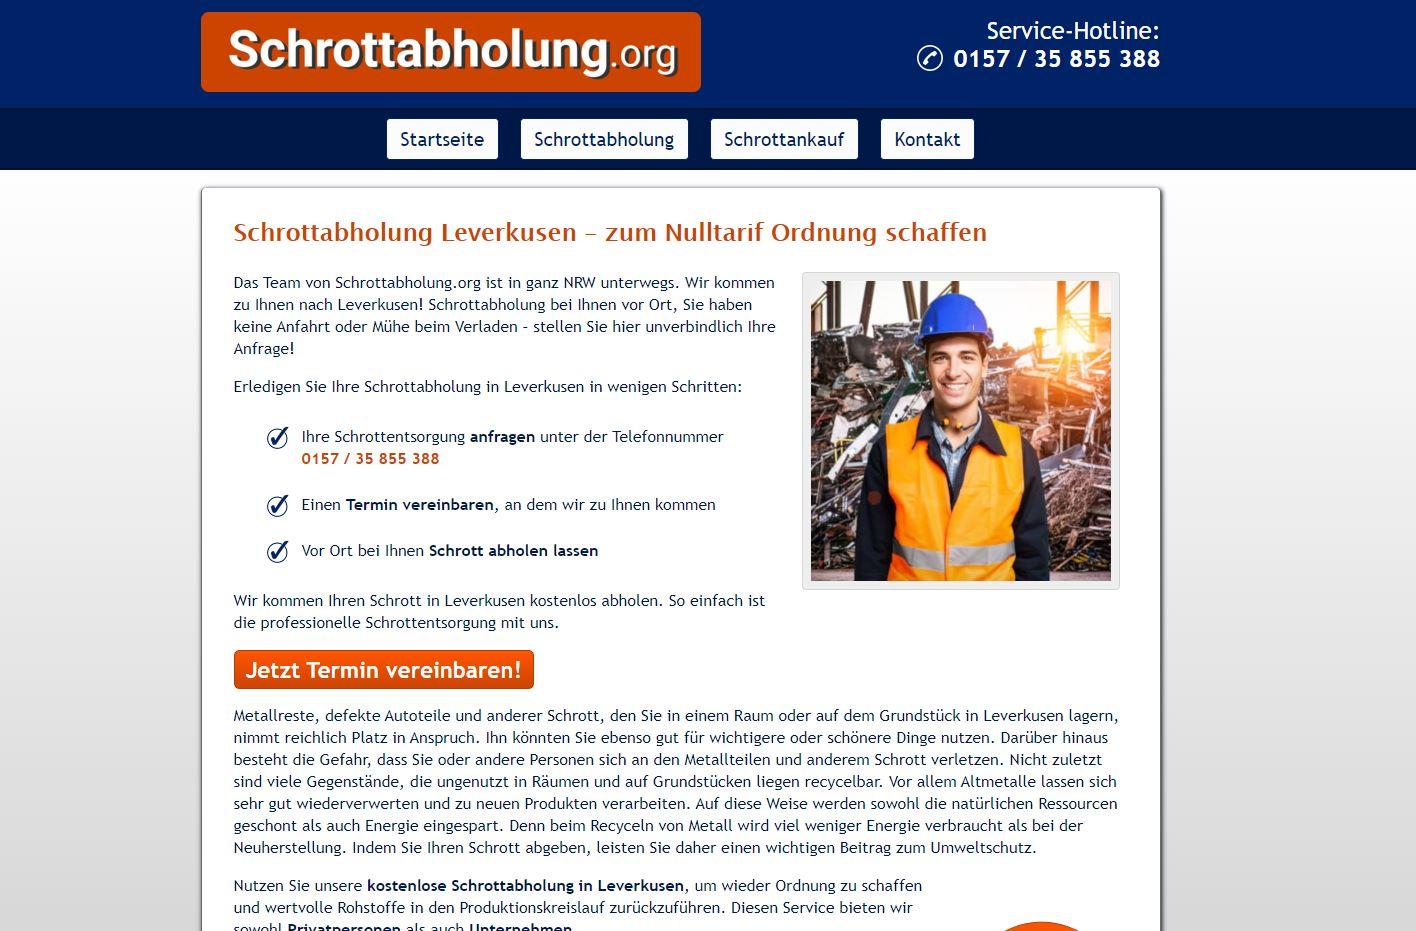 Schrotthändler in Leverkusen bietet Ihnen als Fachmann die schnelle und unkomplizierte